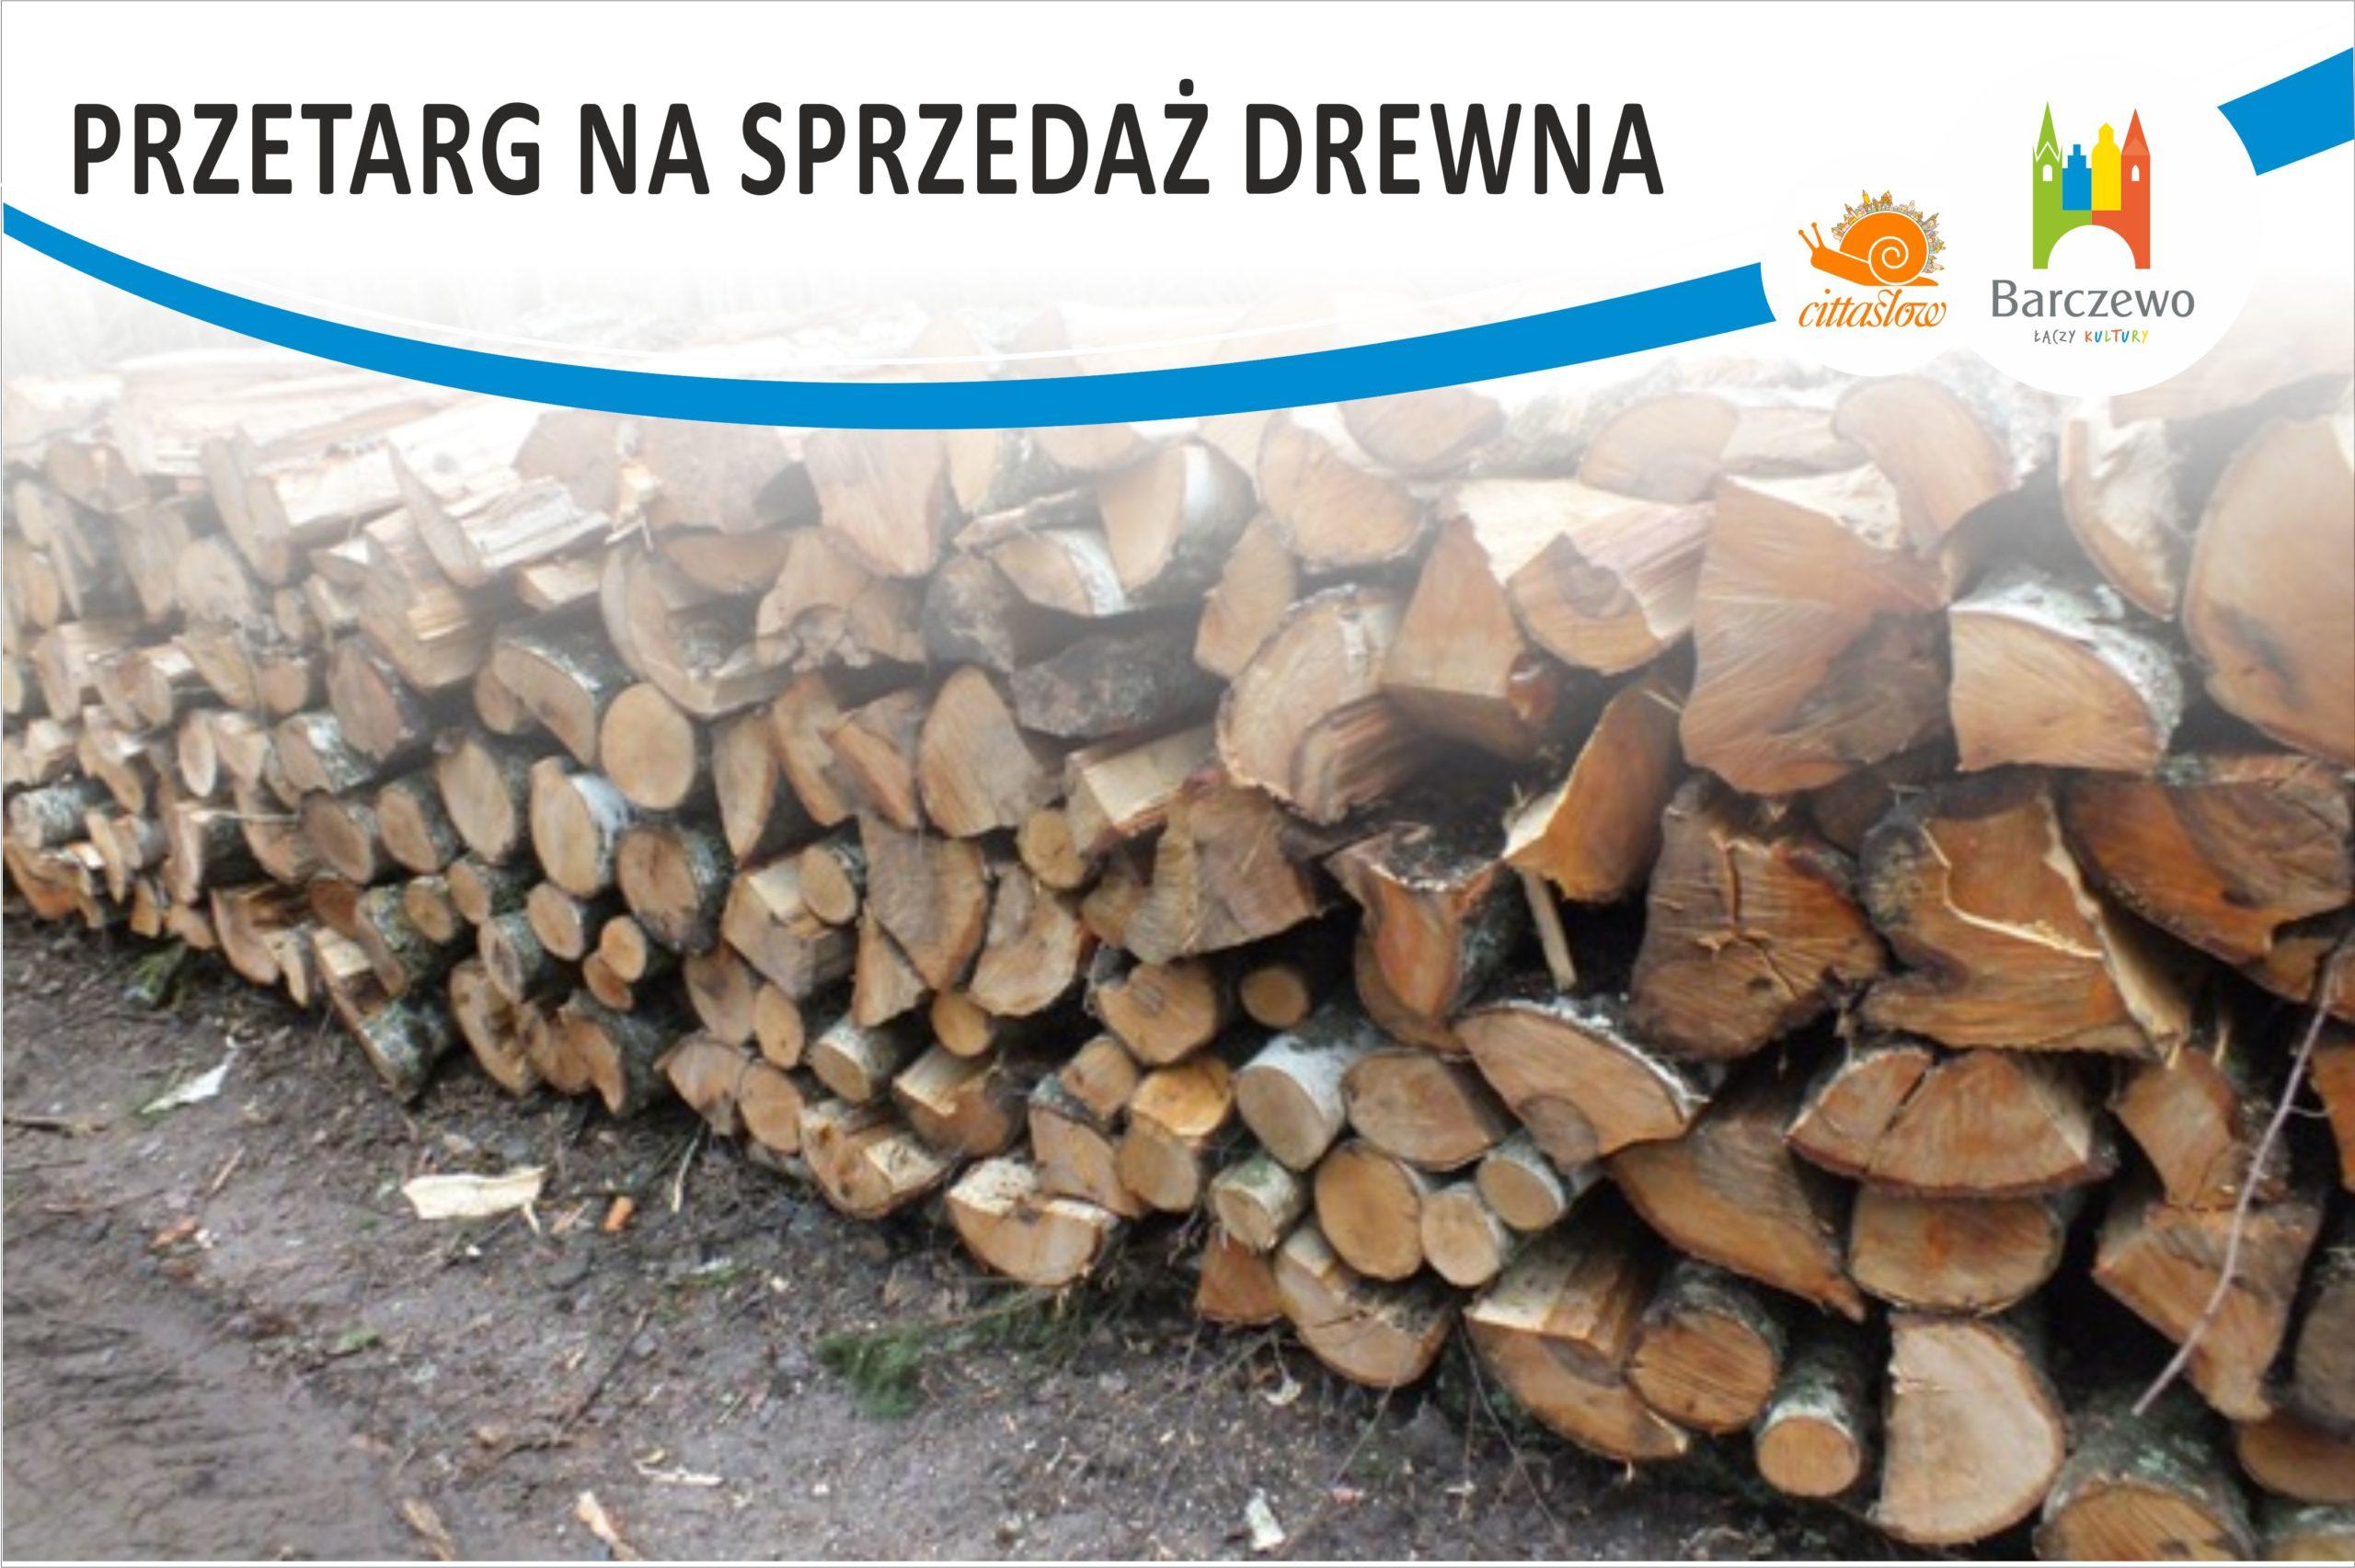 Przetarg na sprzedaż drewna